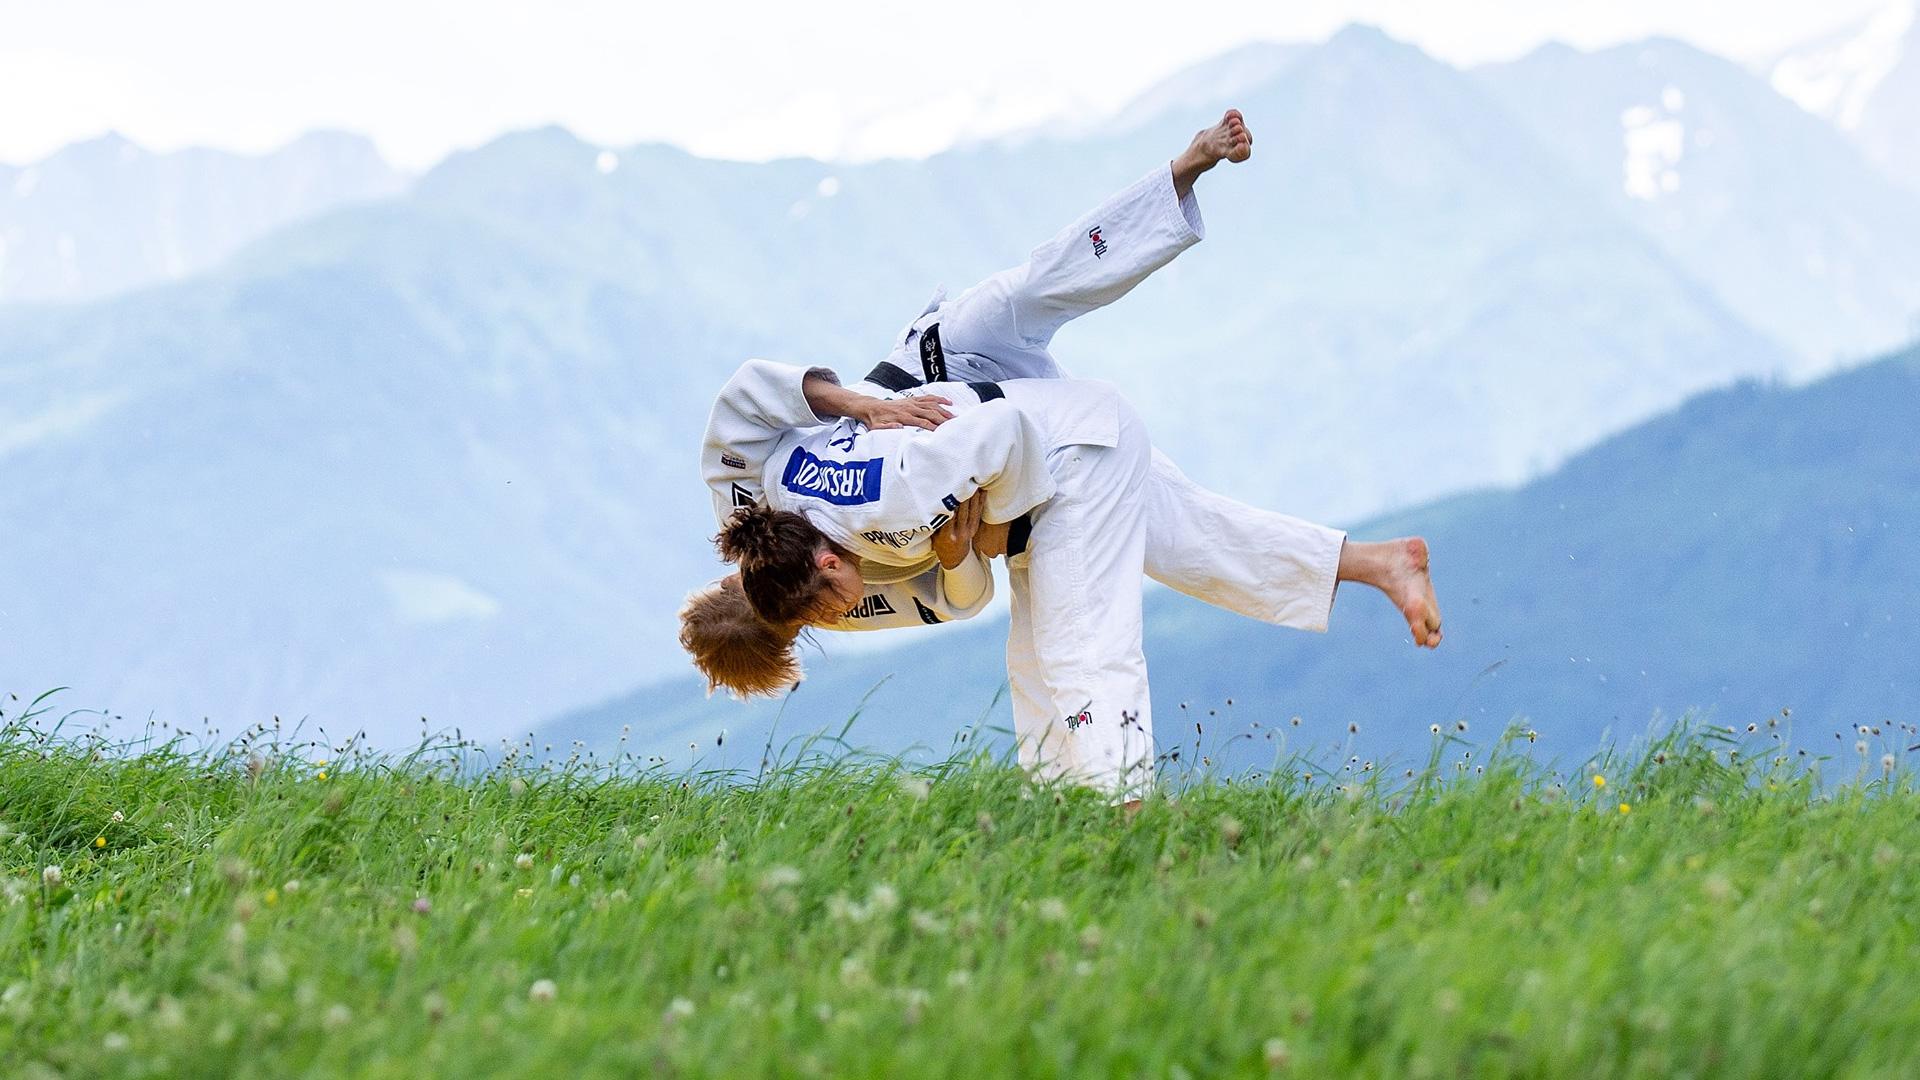 Österreichischer Judoverband Outdoor Training in den Alpen